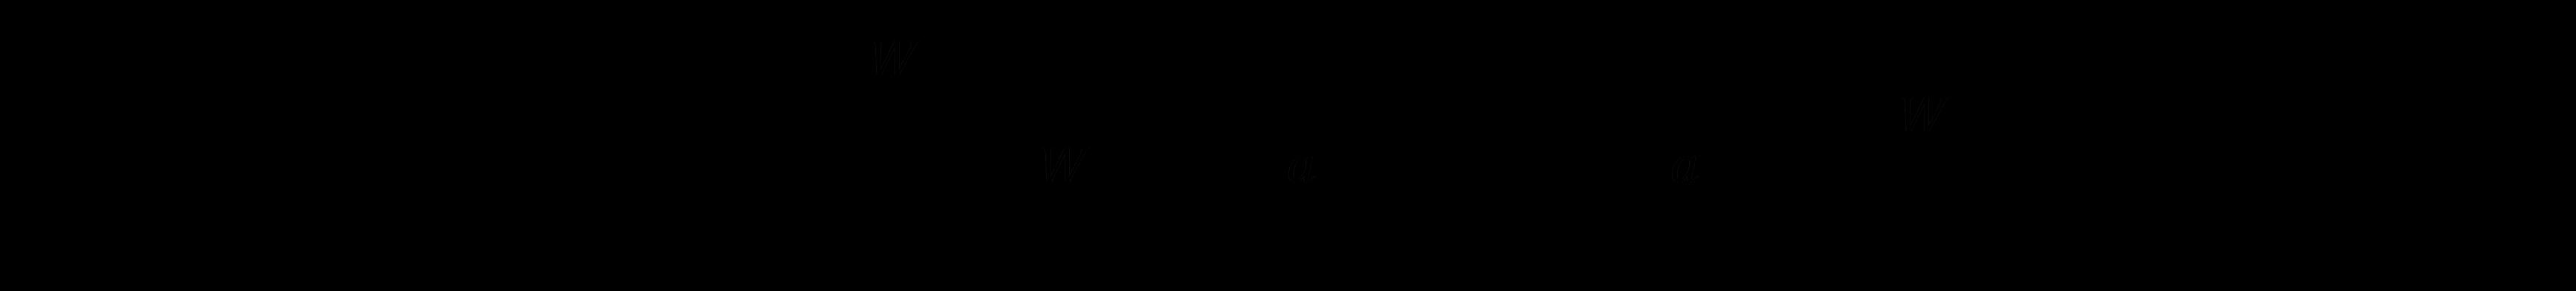 gab equation